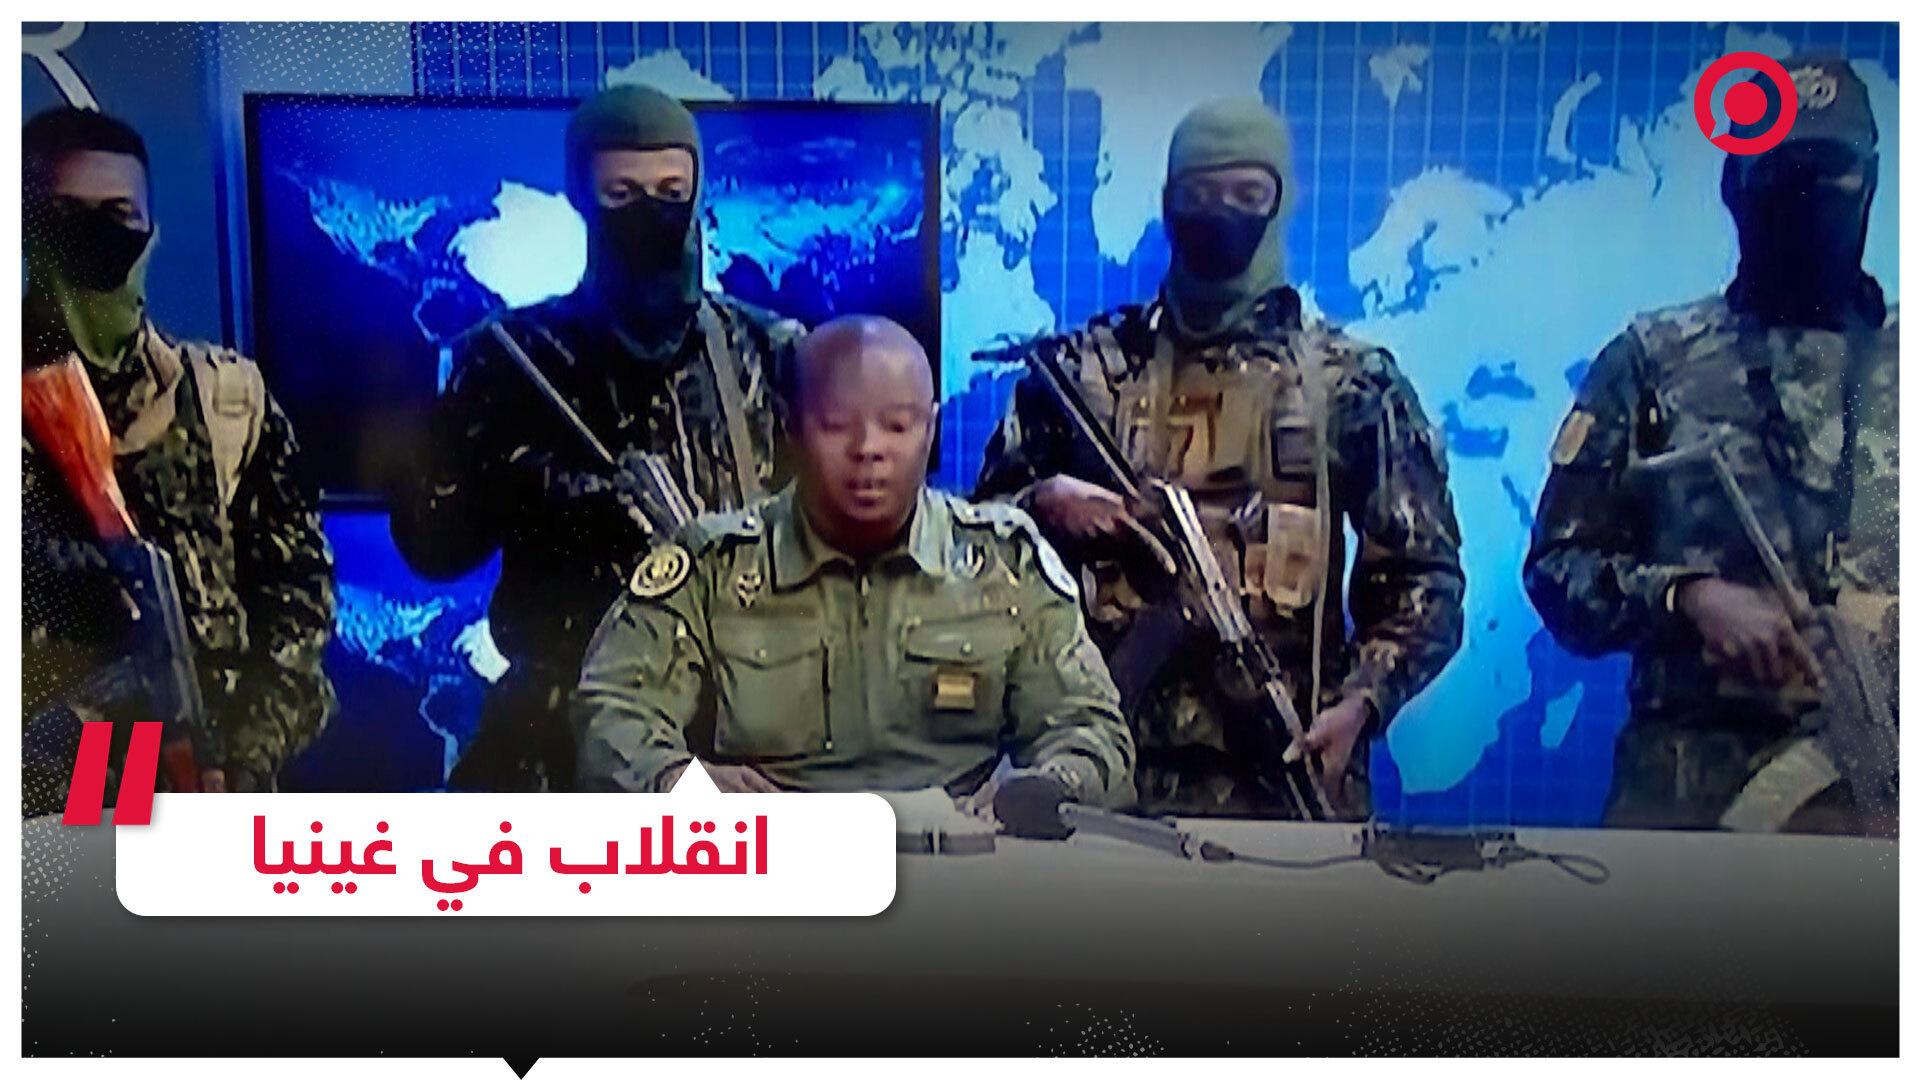 انقلاب عسكري في غينيا والجيش يحتجز رئيس البلاد